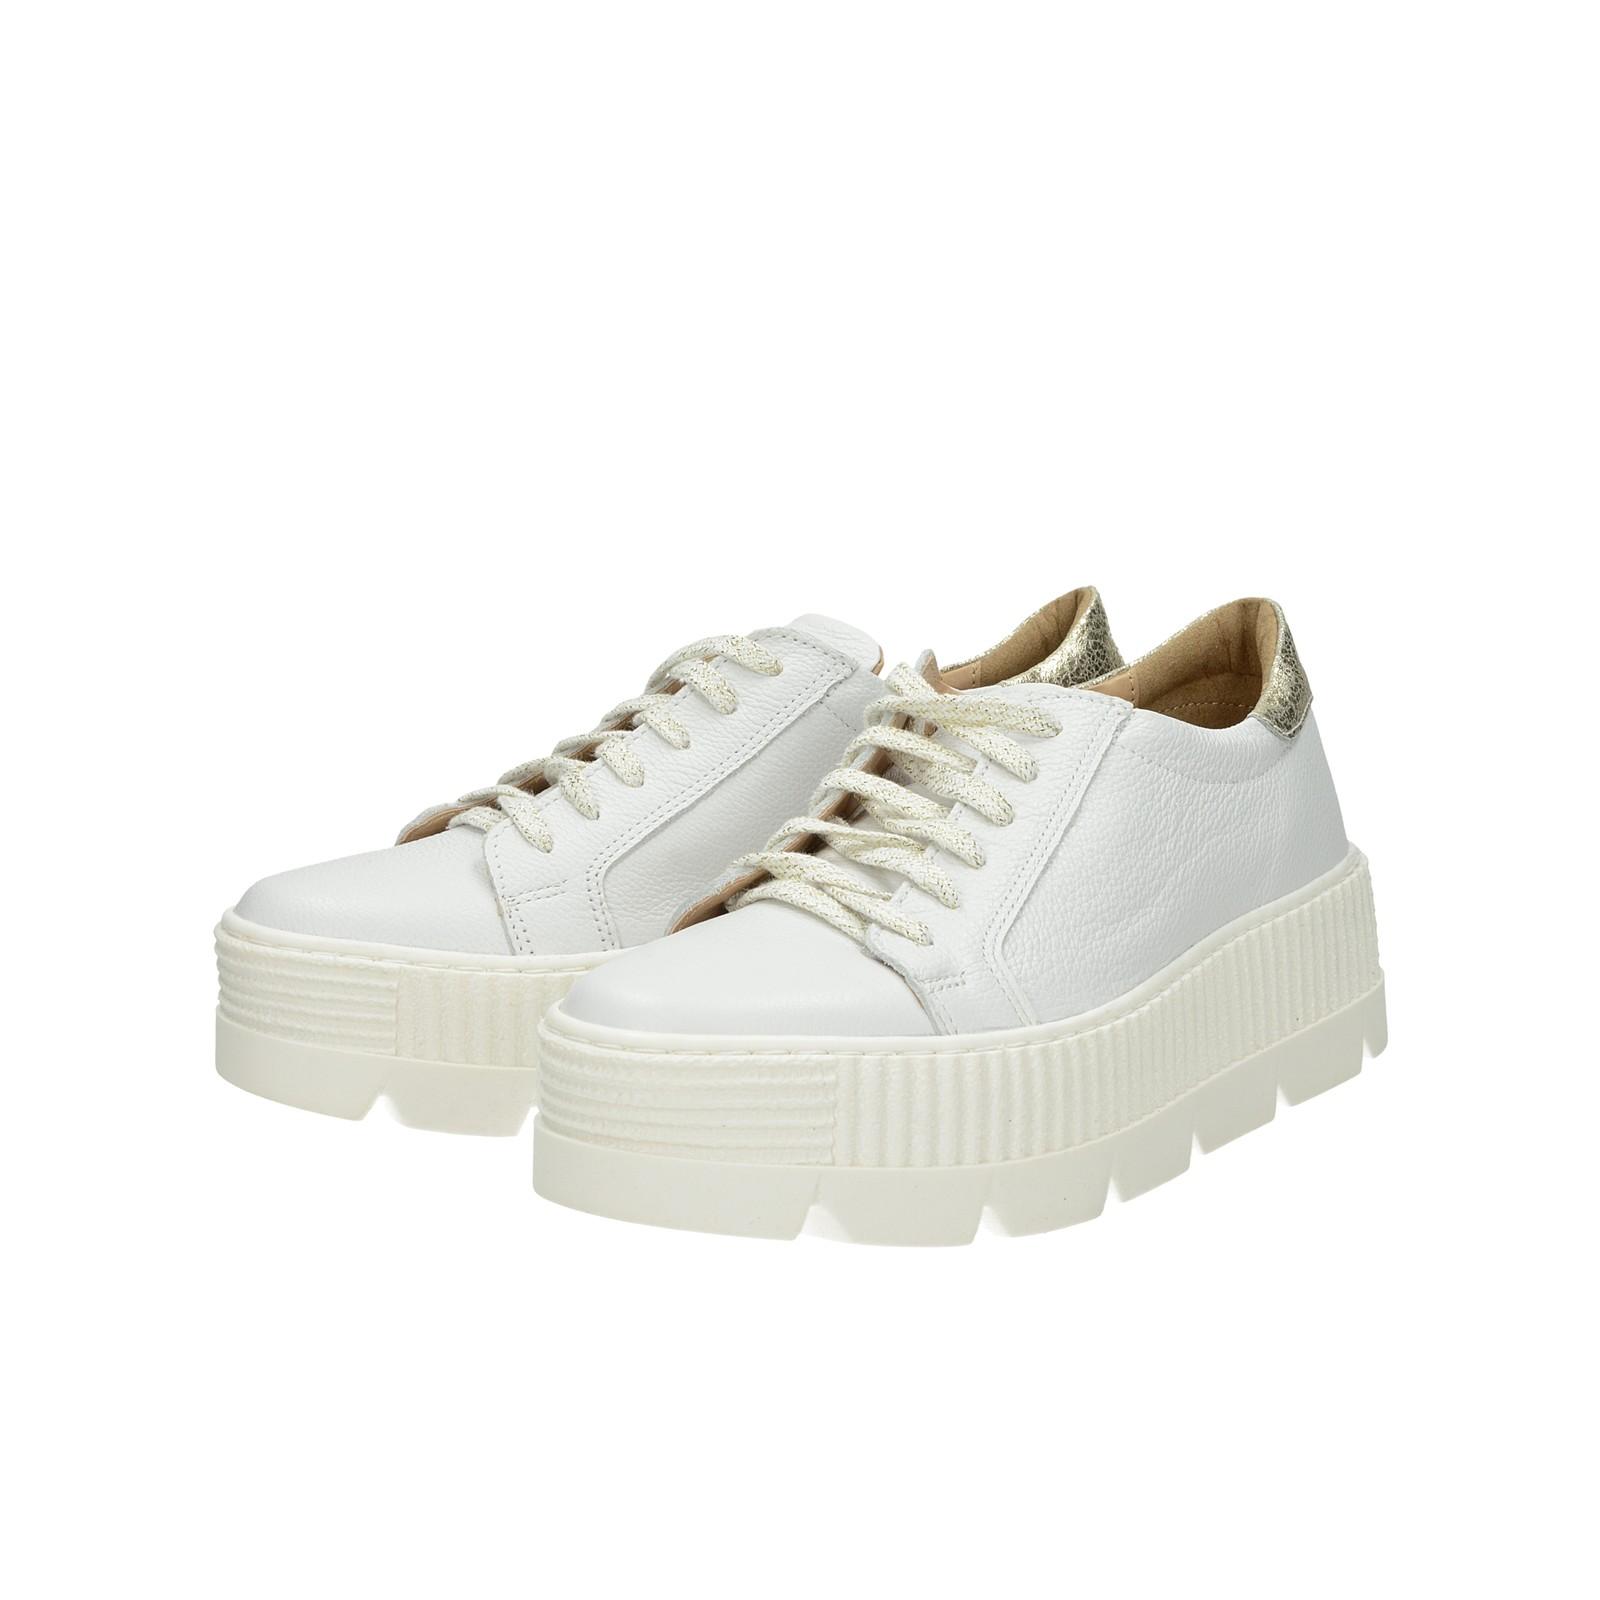 dca9124f963ca Olivia shoes dámske tenisky na platforme - biele | DTE089-WHT/GOLD ...